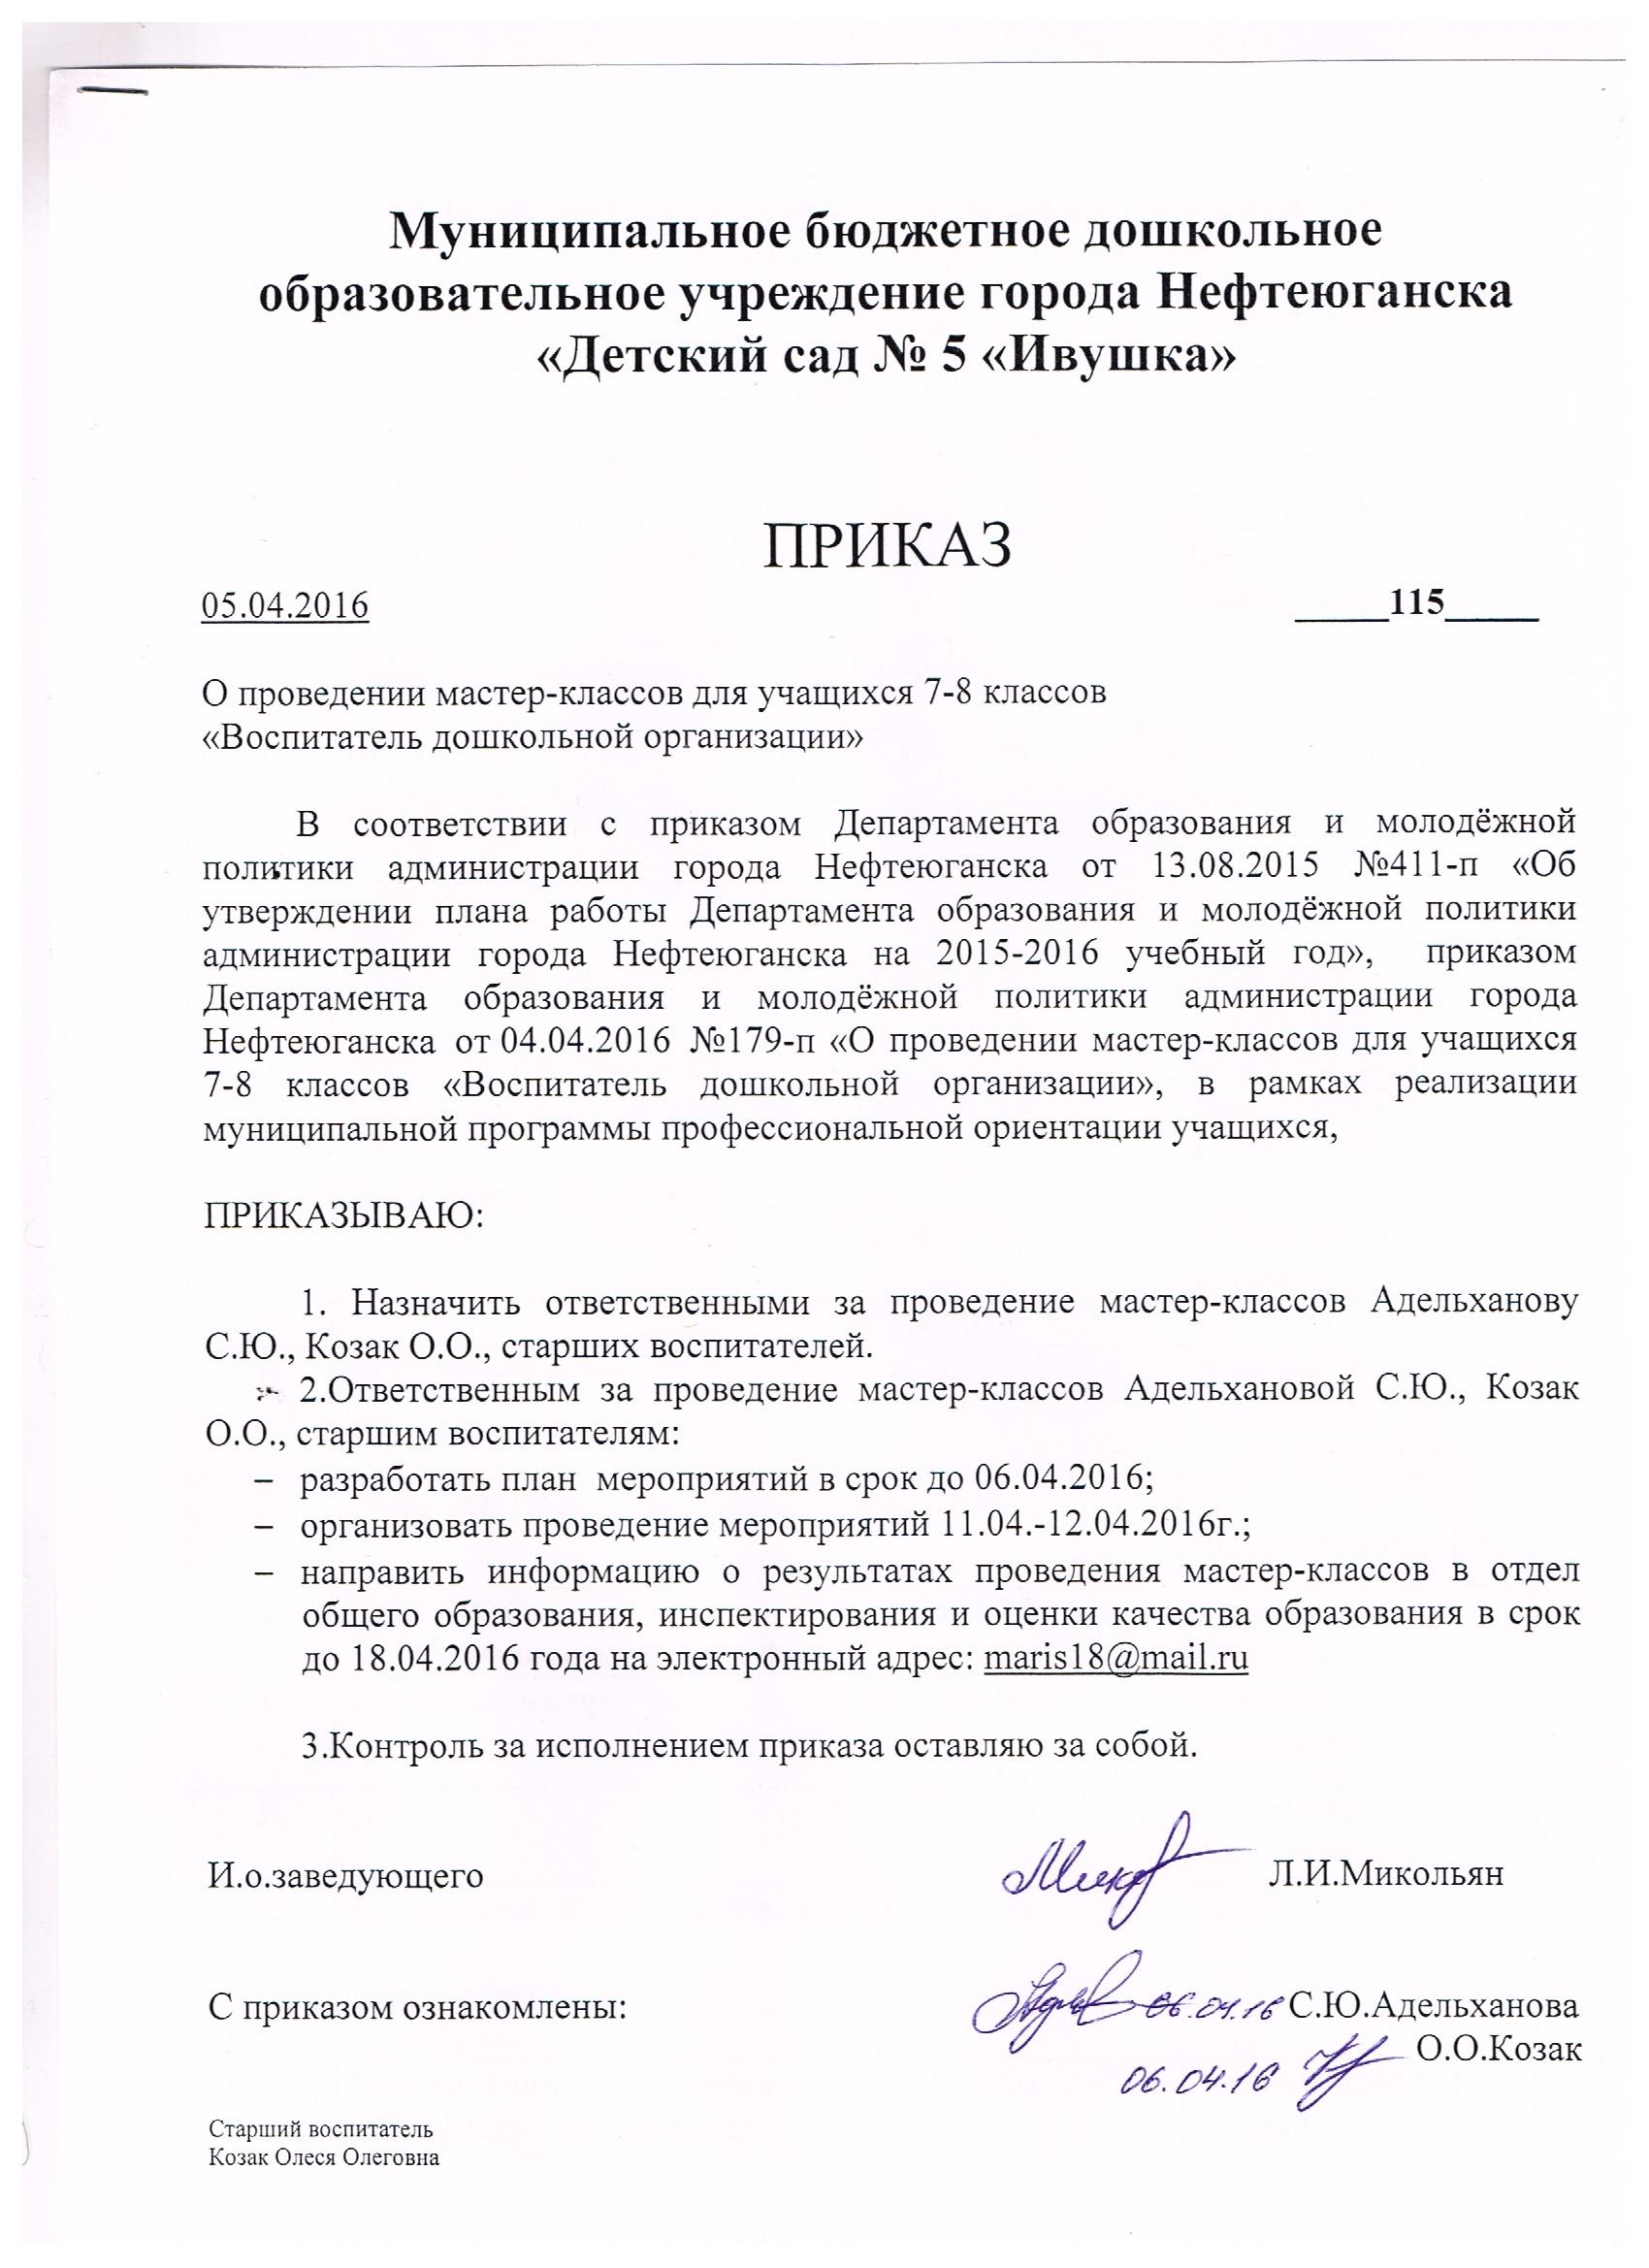 Мбдоу «детский сад № 5 «ивушка» г. Нефтеюганск | участие в.